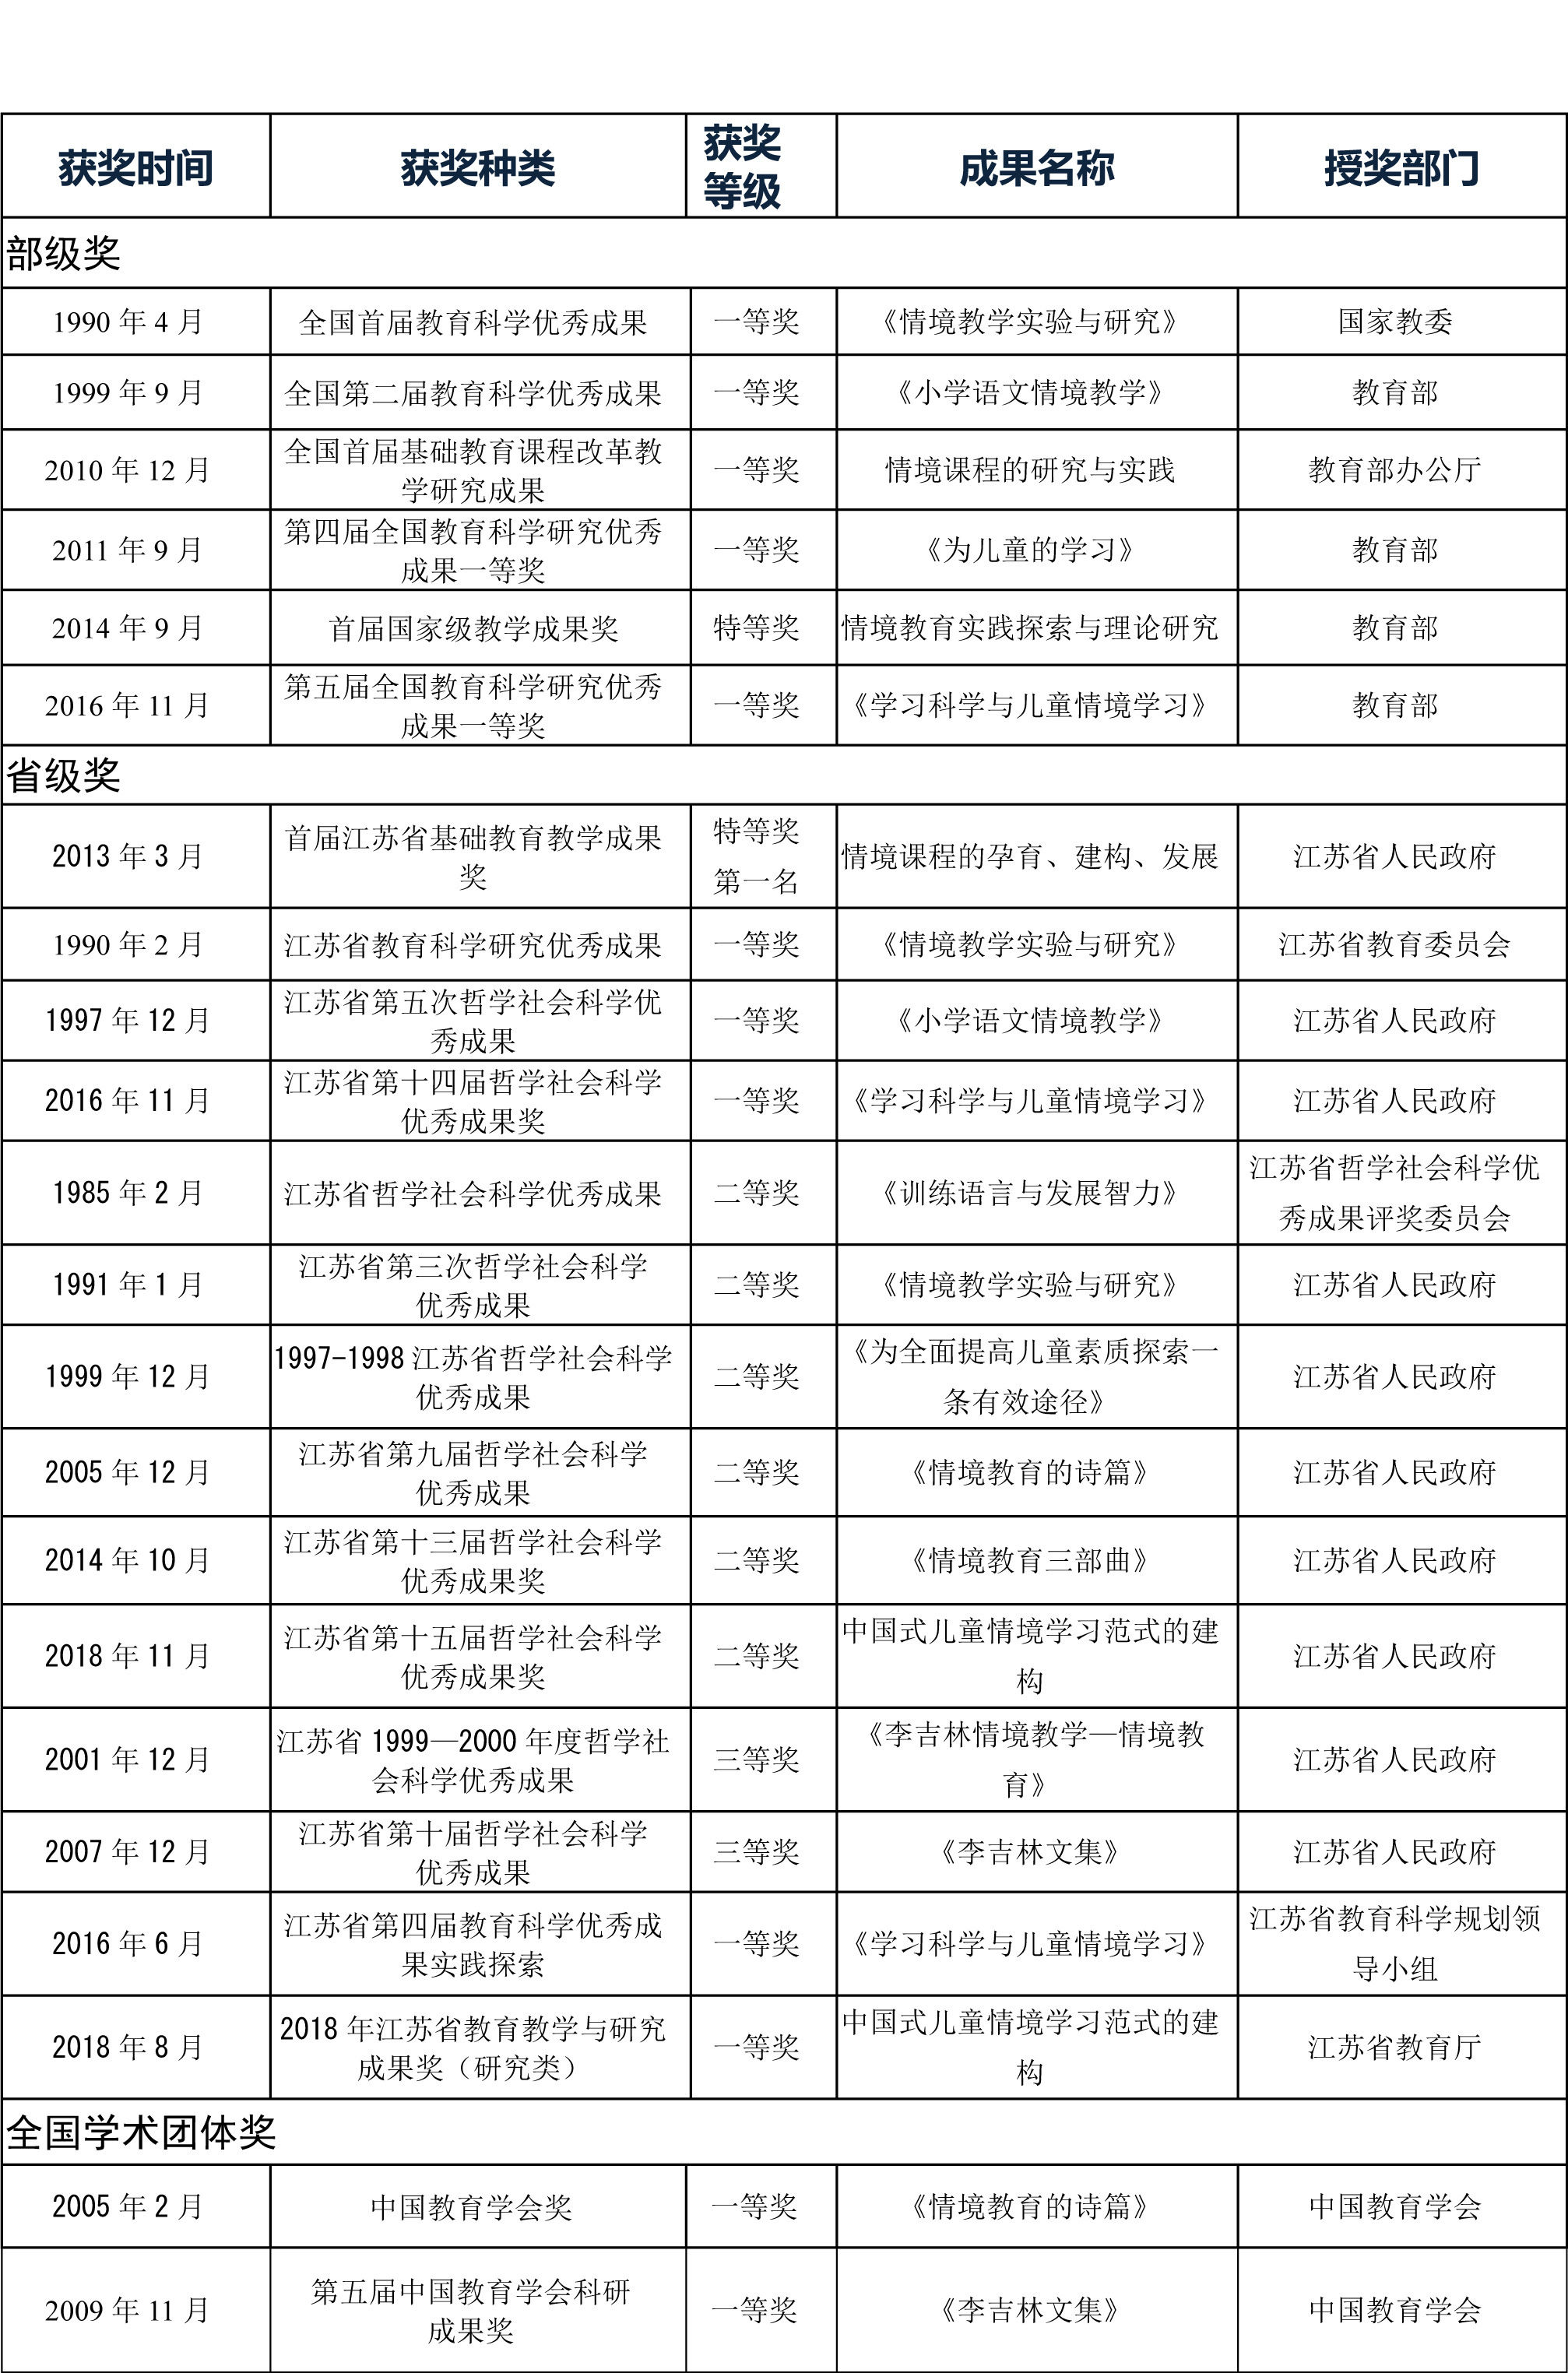 李吉林老师出版专著、荣誉、获奖一览表-6.jpg